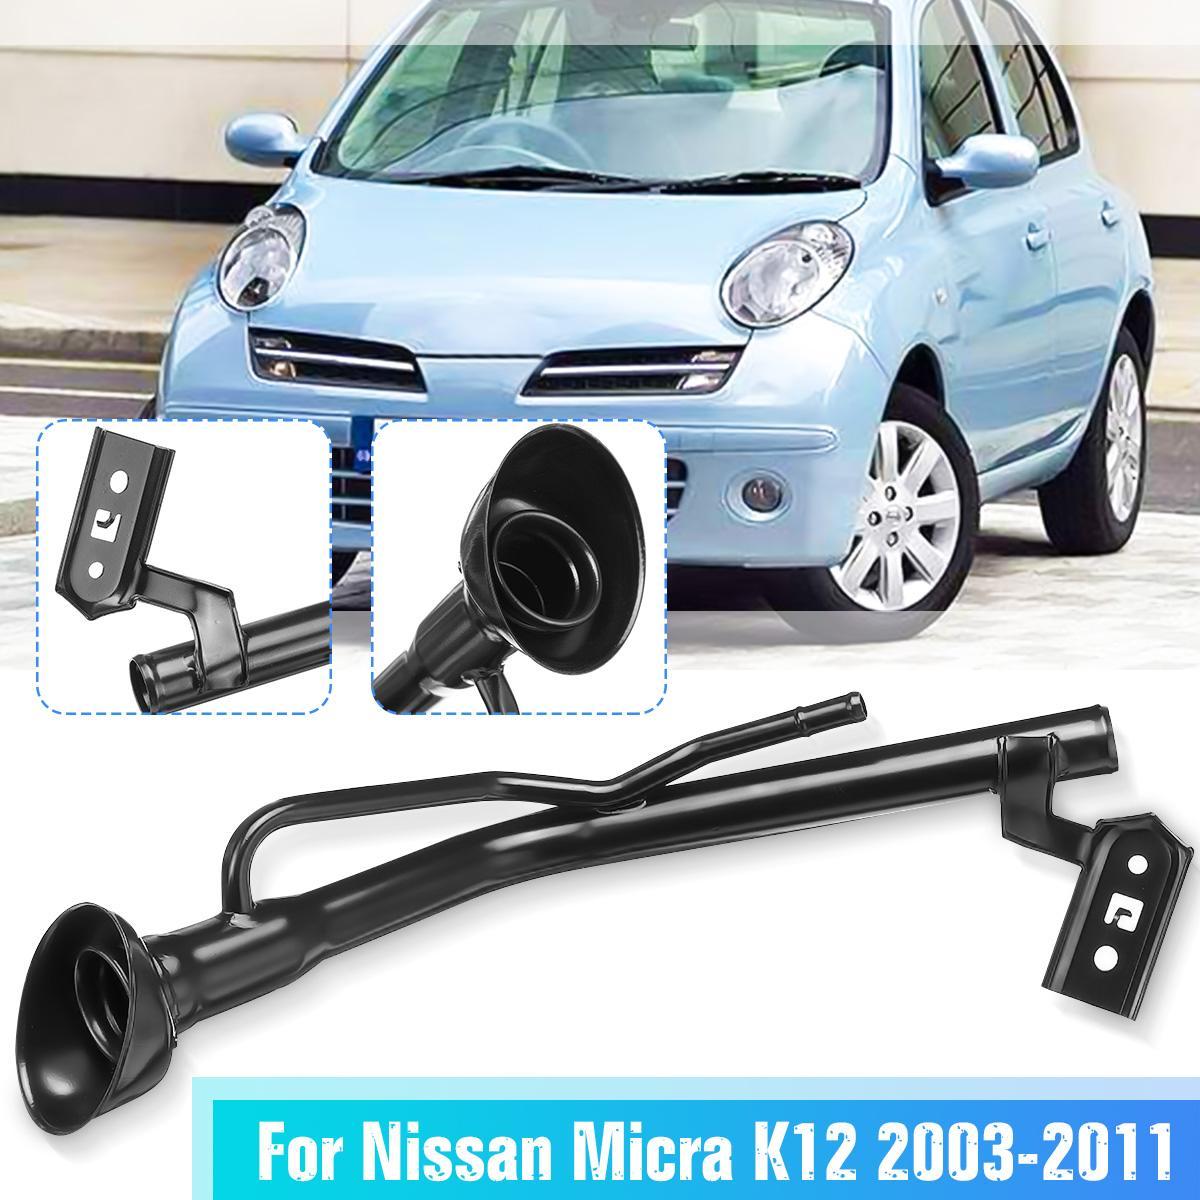 รถถังน้ำมันเชื้อเพลิงคอท่อ Intake Passage น้ำมันเชื้อเพลิงถังเติม 17221-BC400 17221-BC40A สำหรับ Nissan Micra K12 2003-2011